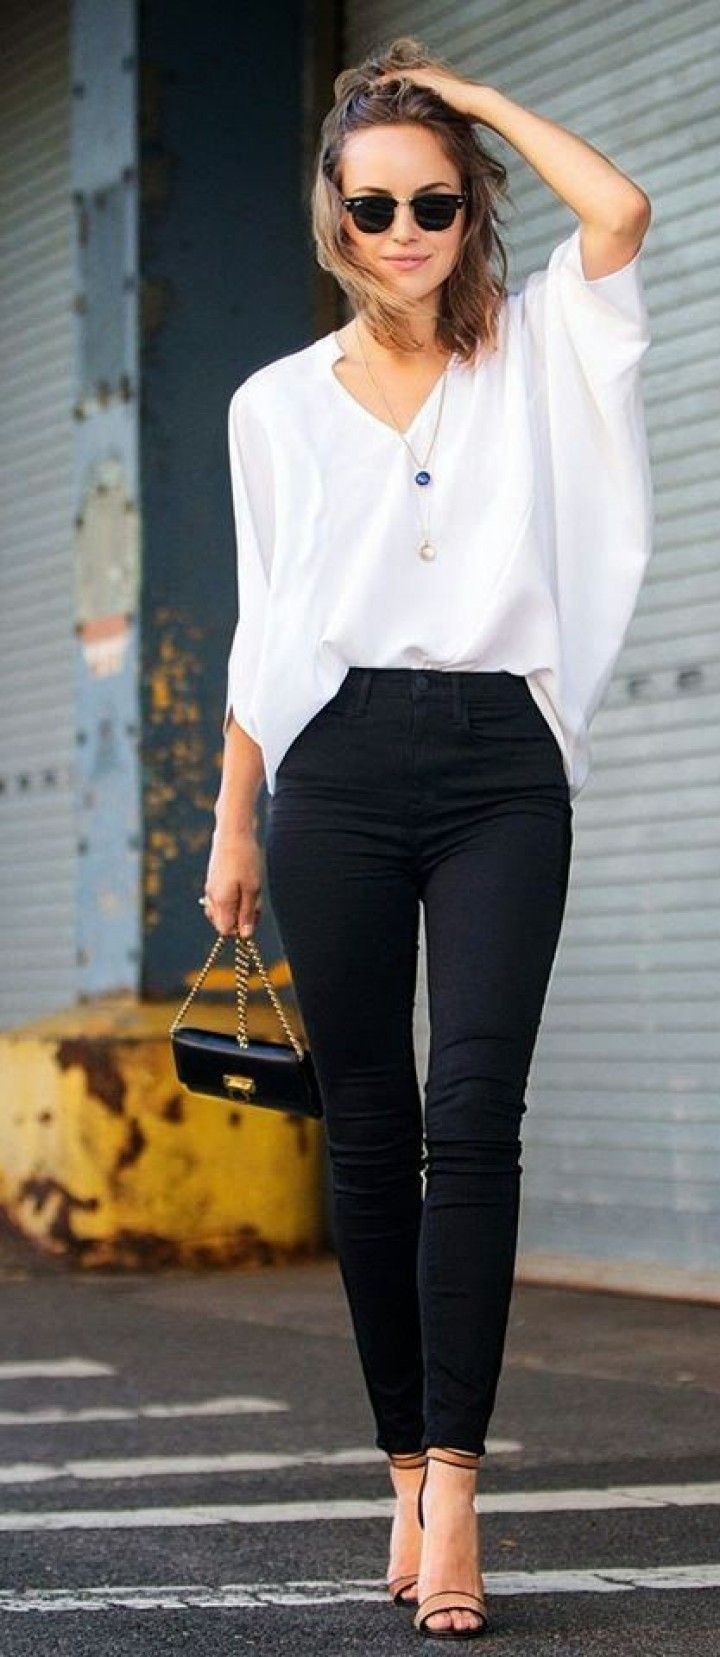 mujer con pantalón negro y blusa blanca